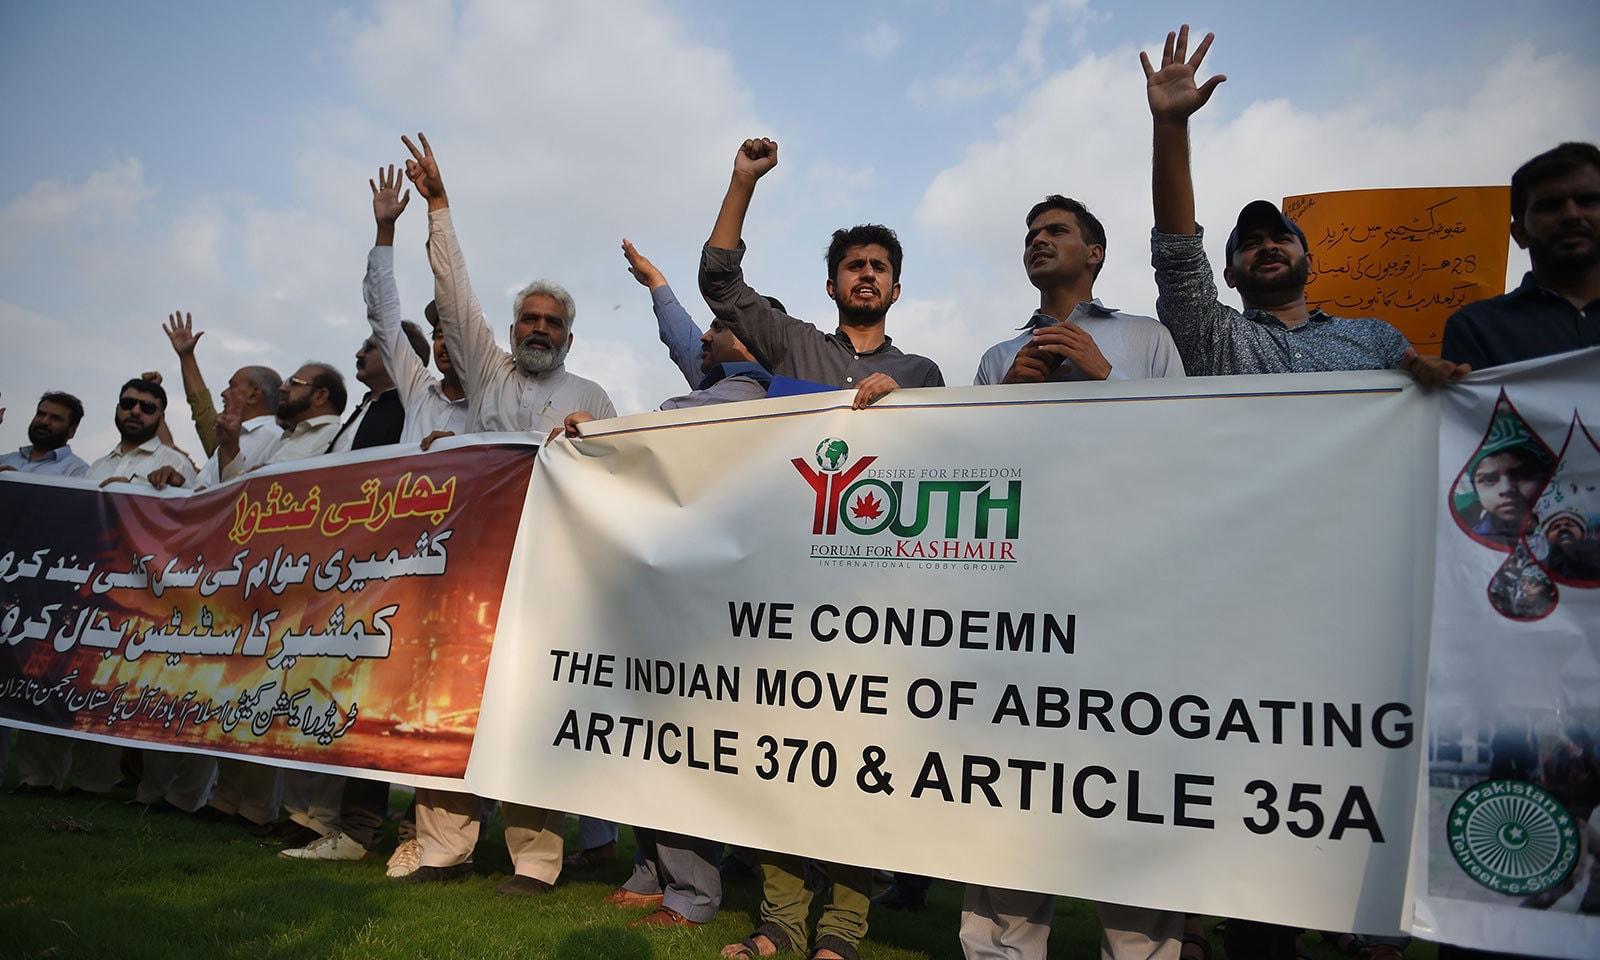 اسلام آباد میں شہریوں نے کشمیریوں کے ساتھ اظہار یکجہتی کیا — فوٹو: اسلام آباد